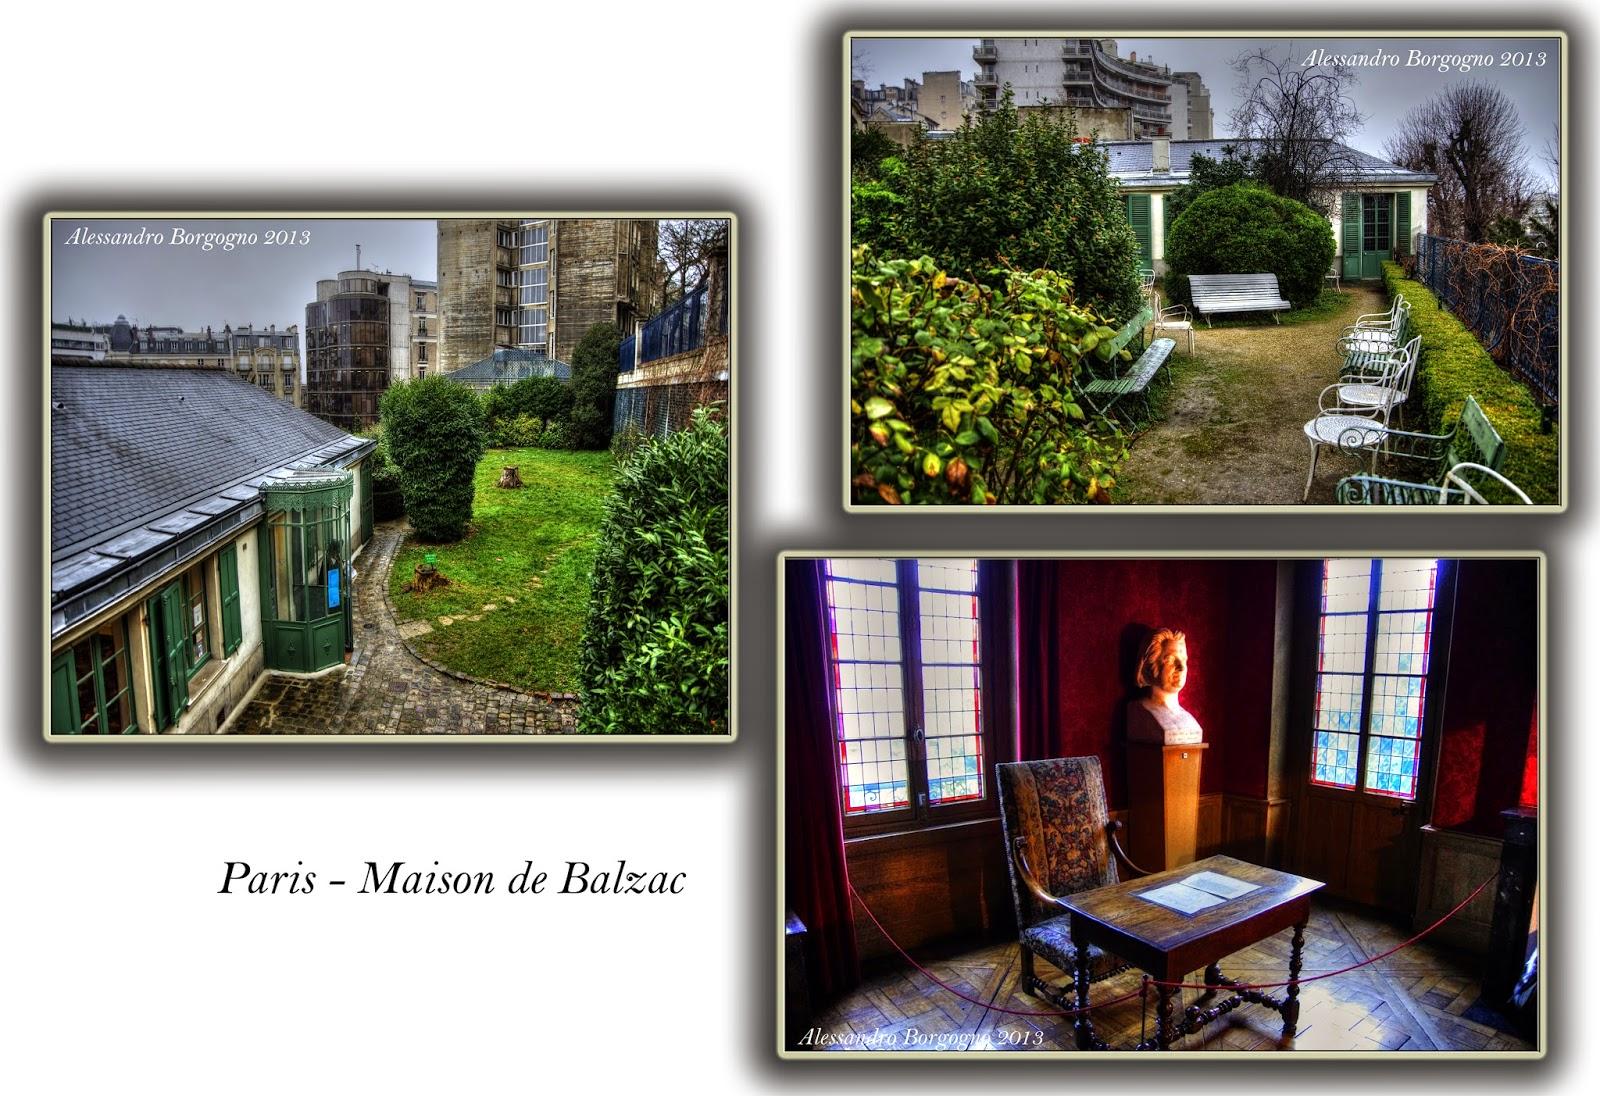 Parigi - Maison de Balzac